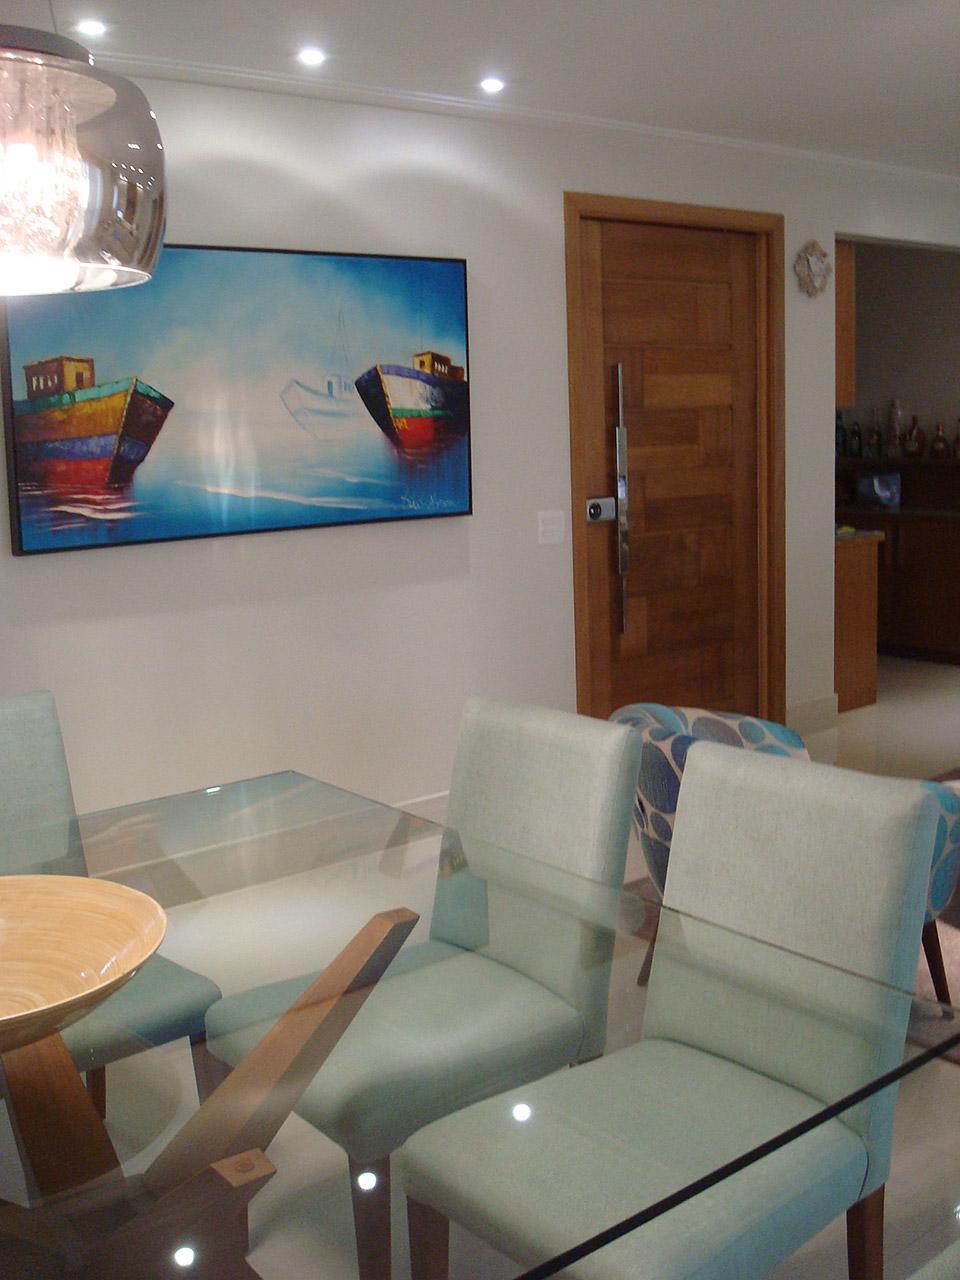 Fotos-Gerais-630